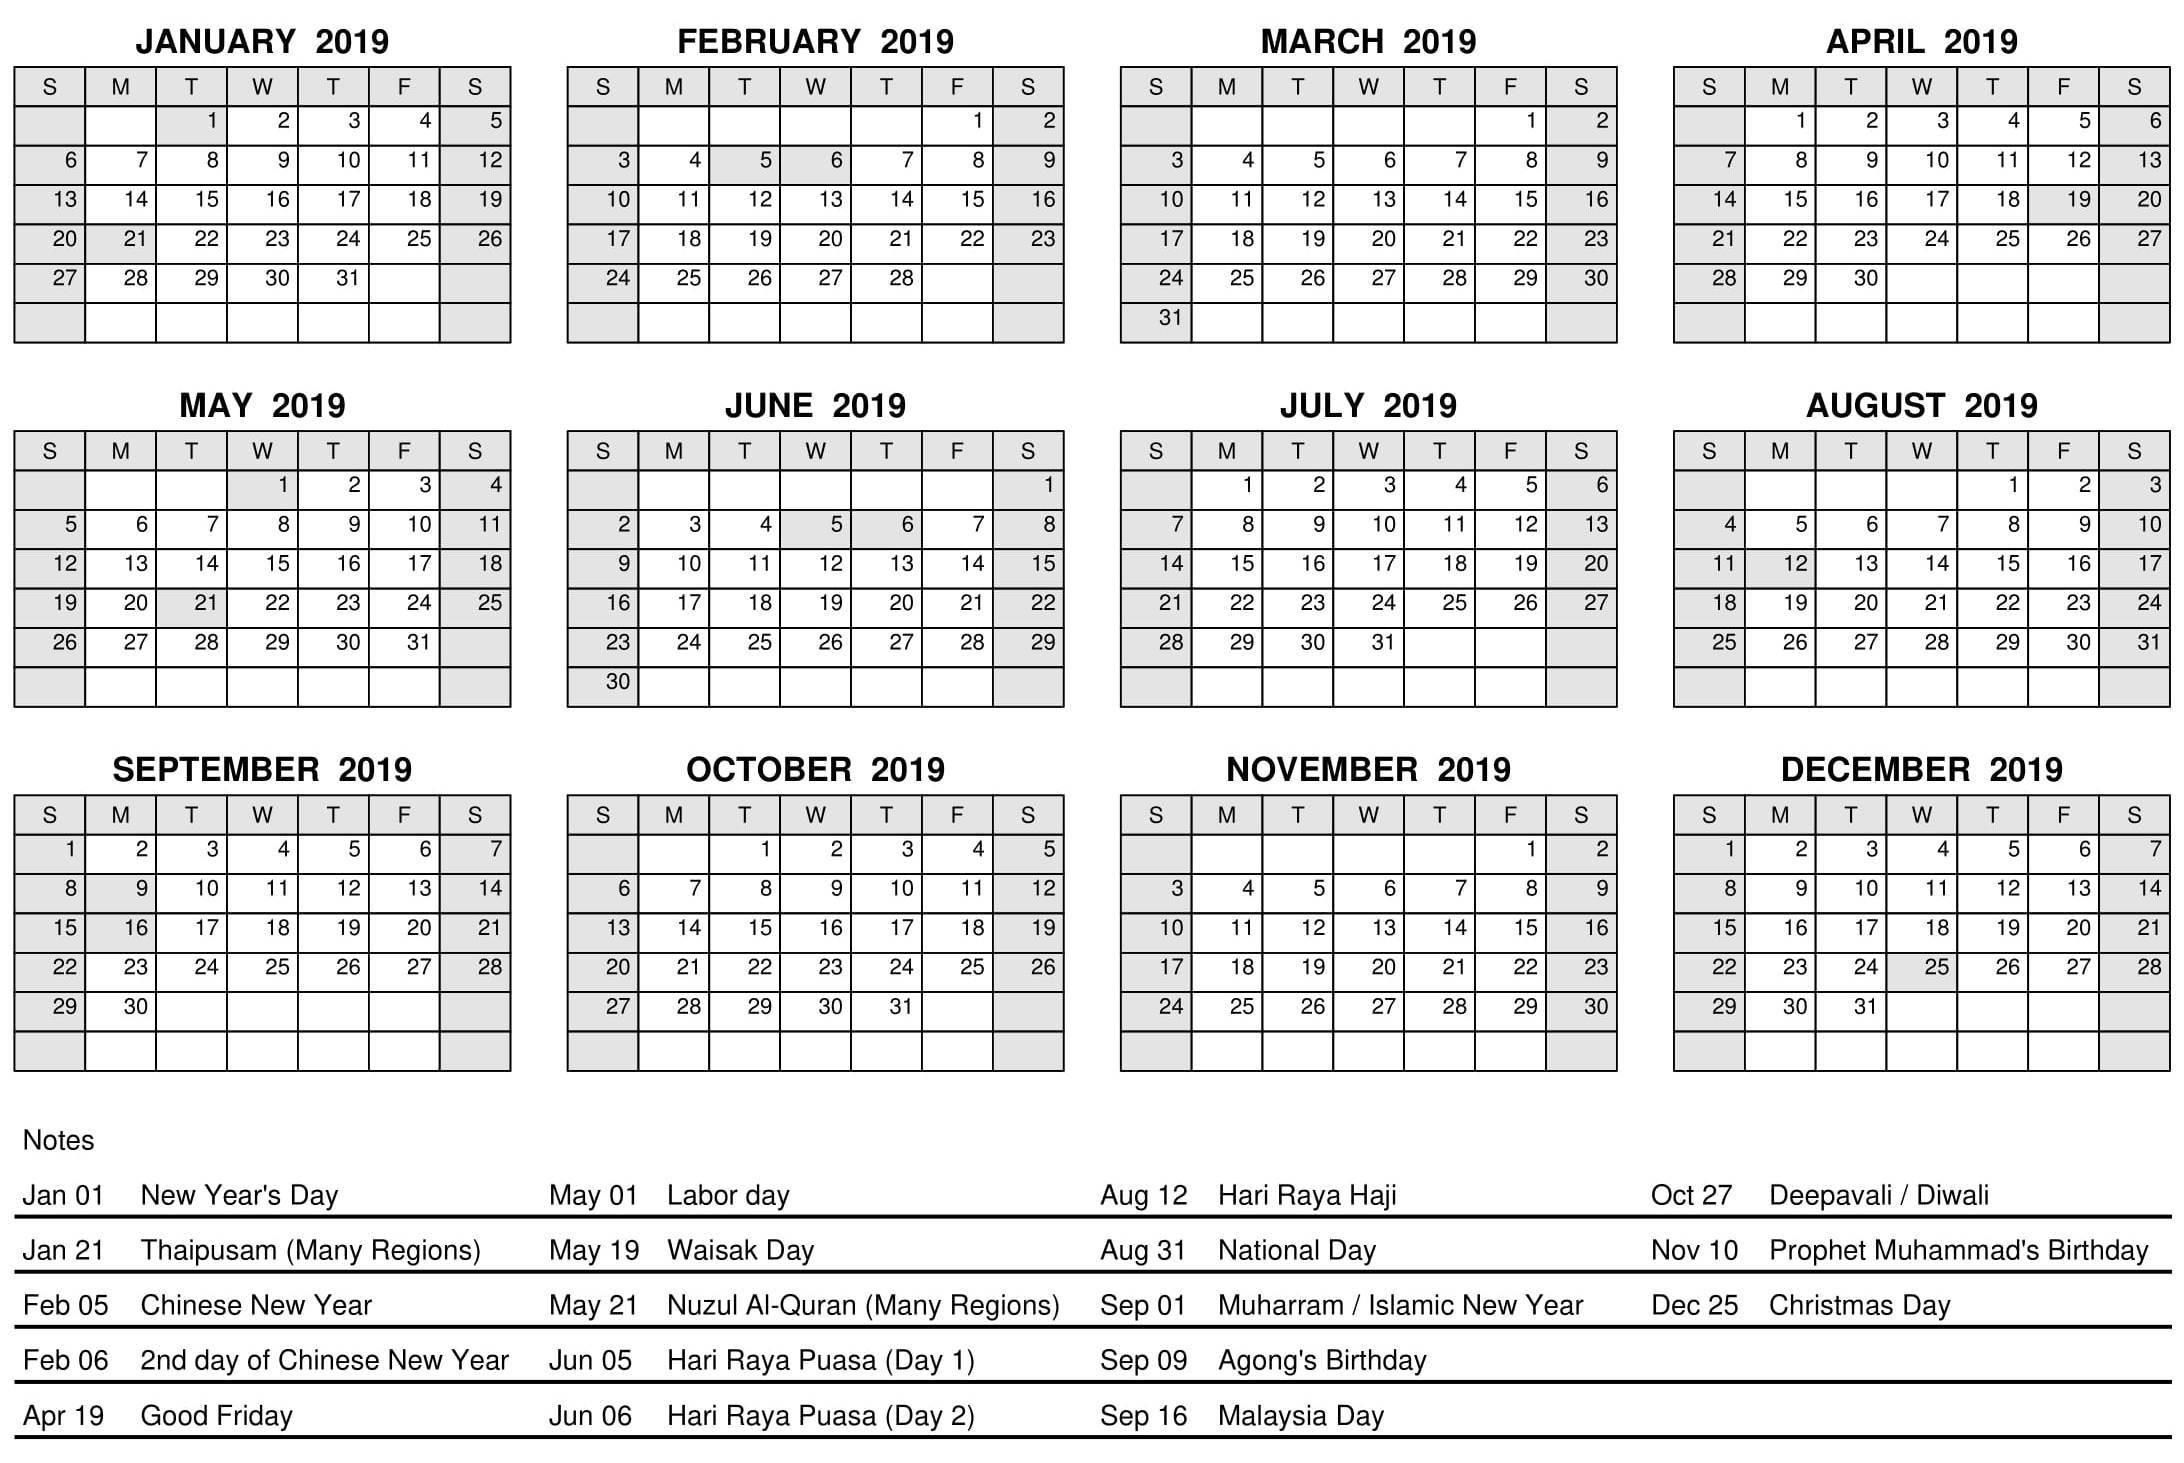 March 2019 Calendar Lala Ramswaroop Más Recientemente Liberado Calendar for 2019 Malaysia Of March 2019 Calendar Lala Ramswaroop Más Recientemente Liberado Media to Get Lala Ramswaroop Calendar 2019 Pdf Download Calendar